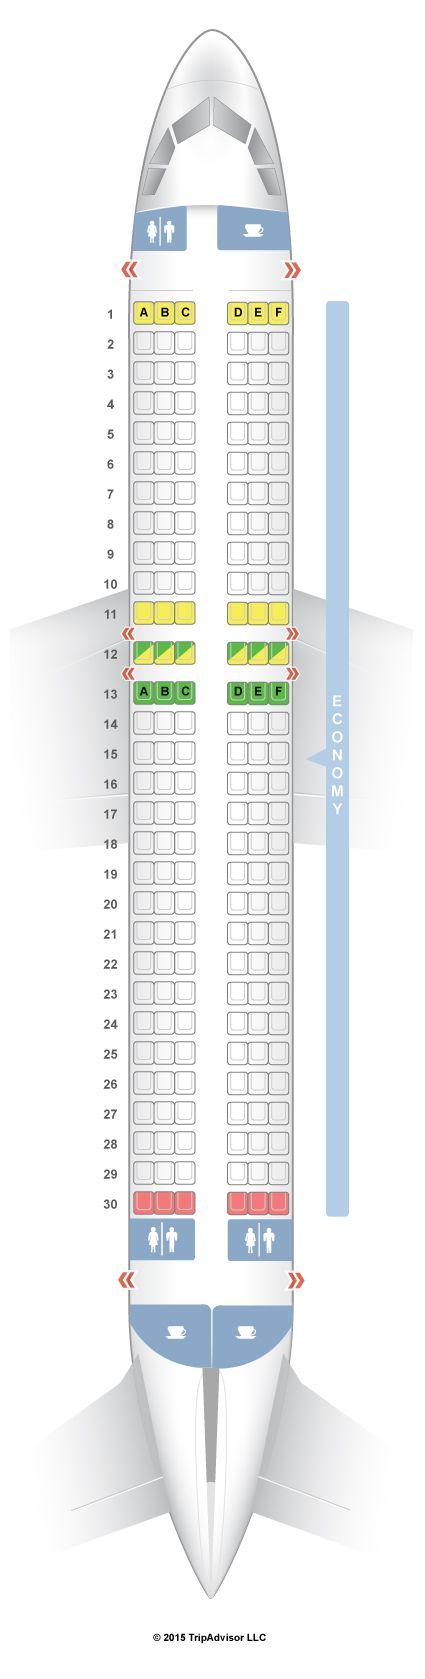 SeatGuru Seat Map IndiGo Airlines Airbus A320 (320 ... on boeing 777 seat map, virgin a340 seat map, a 320 seat map, airbus a319 seat map, airbus a380-800 seat map, airbus a330-200 seat map, delta airbus 333 seat map, virgin boeing 747-400 seat map, delta md-90 seat map, a320 jet seat map,